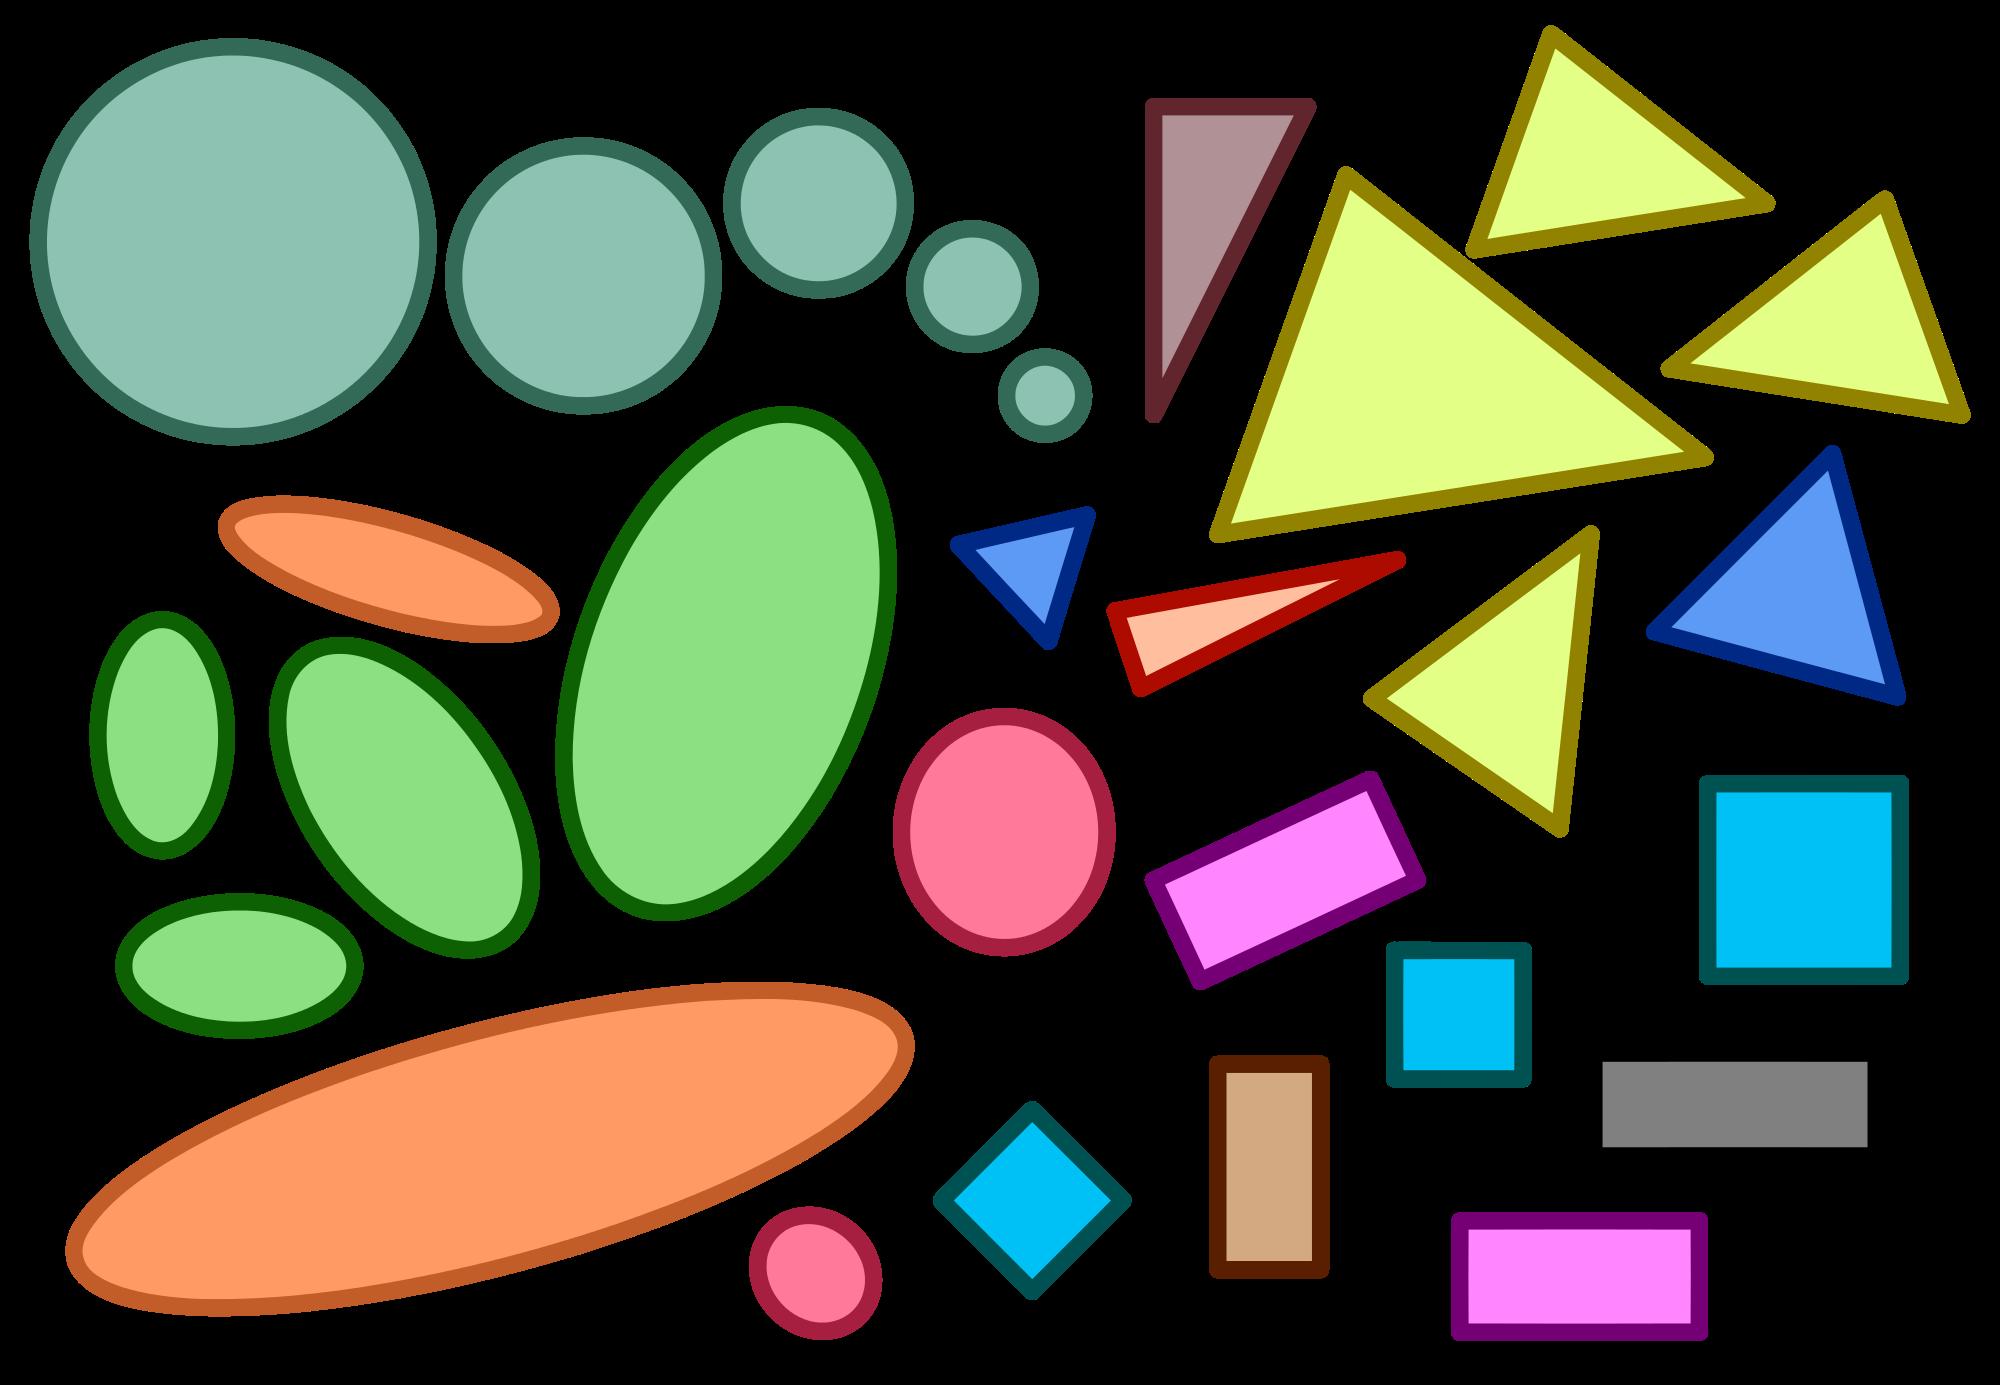 File similar geometric shapes. Geometry clipart color shape